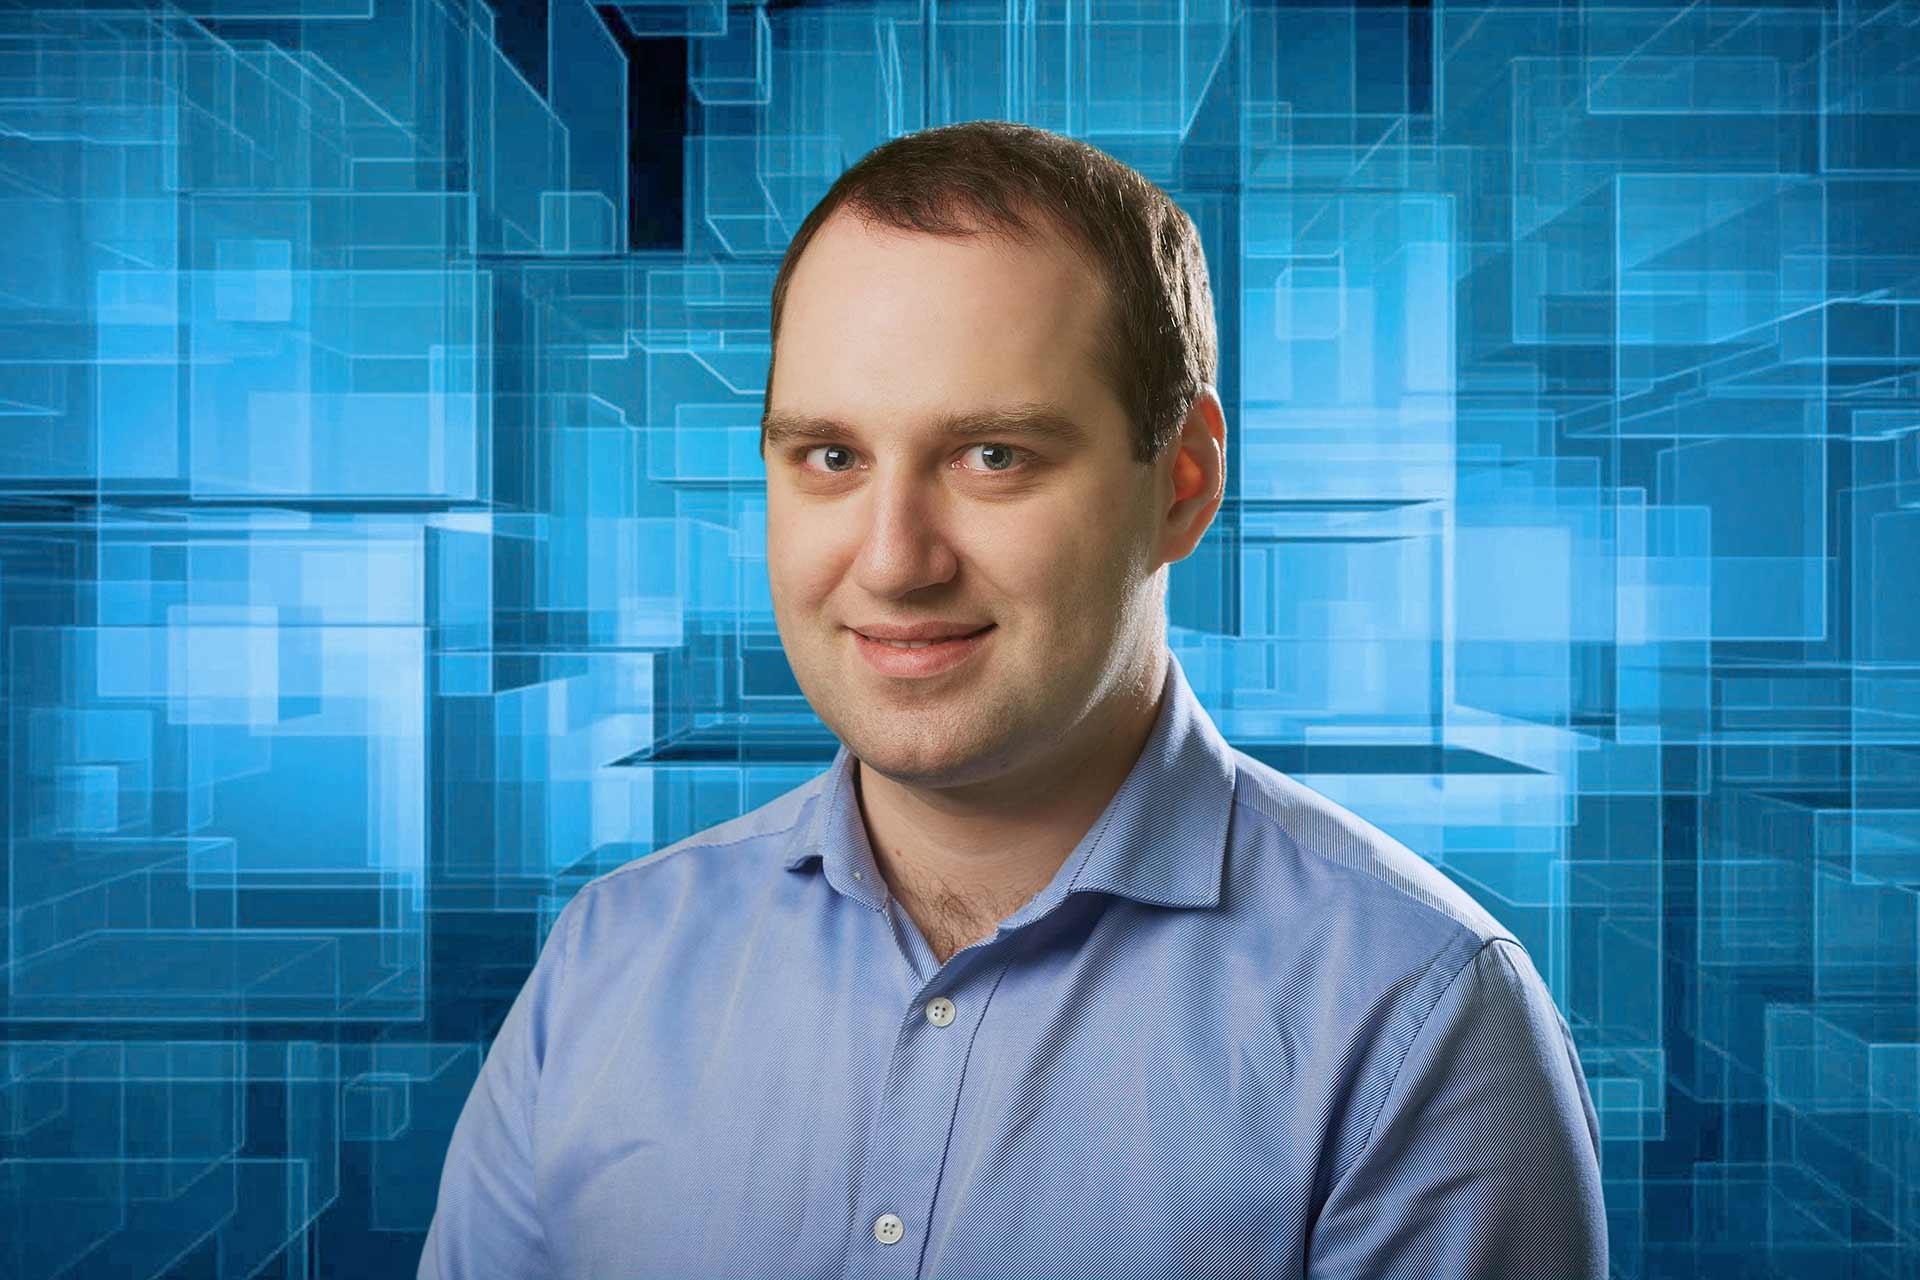 Сергей Идиятов, руководитель группы системного администрирования в департаменте ИТ-аутсорсинга ALP Group